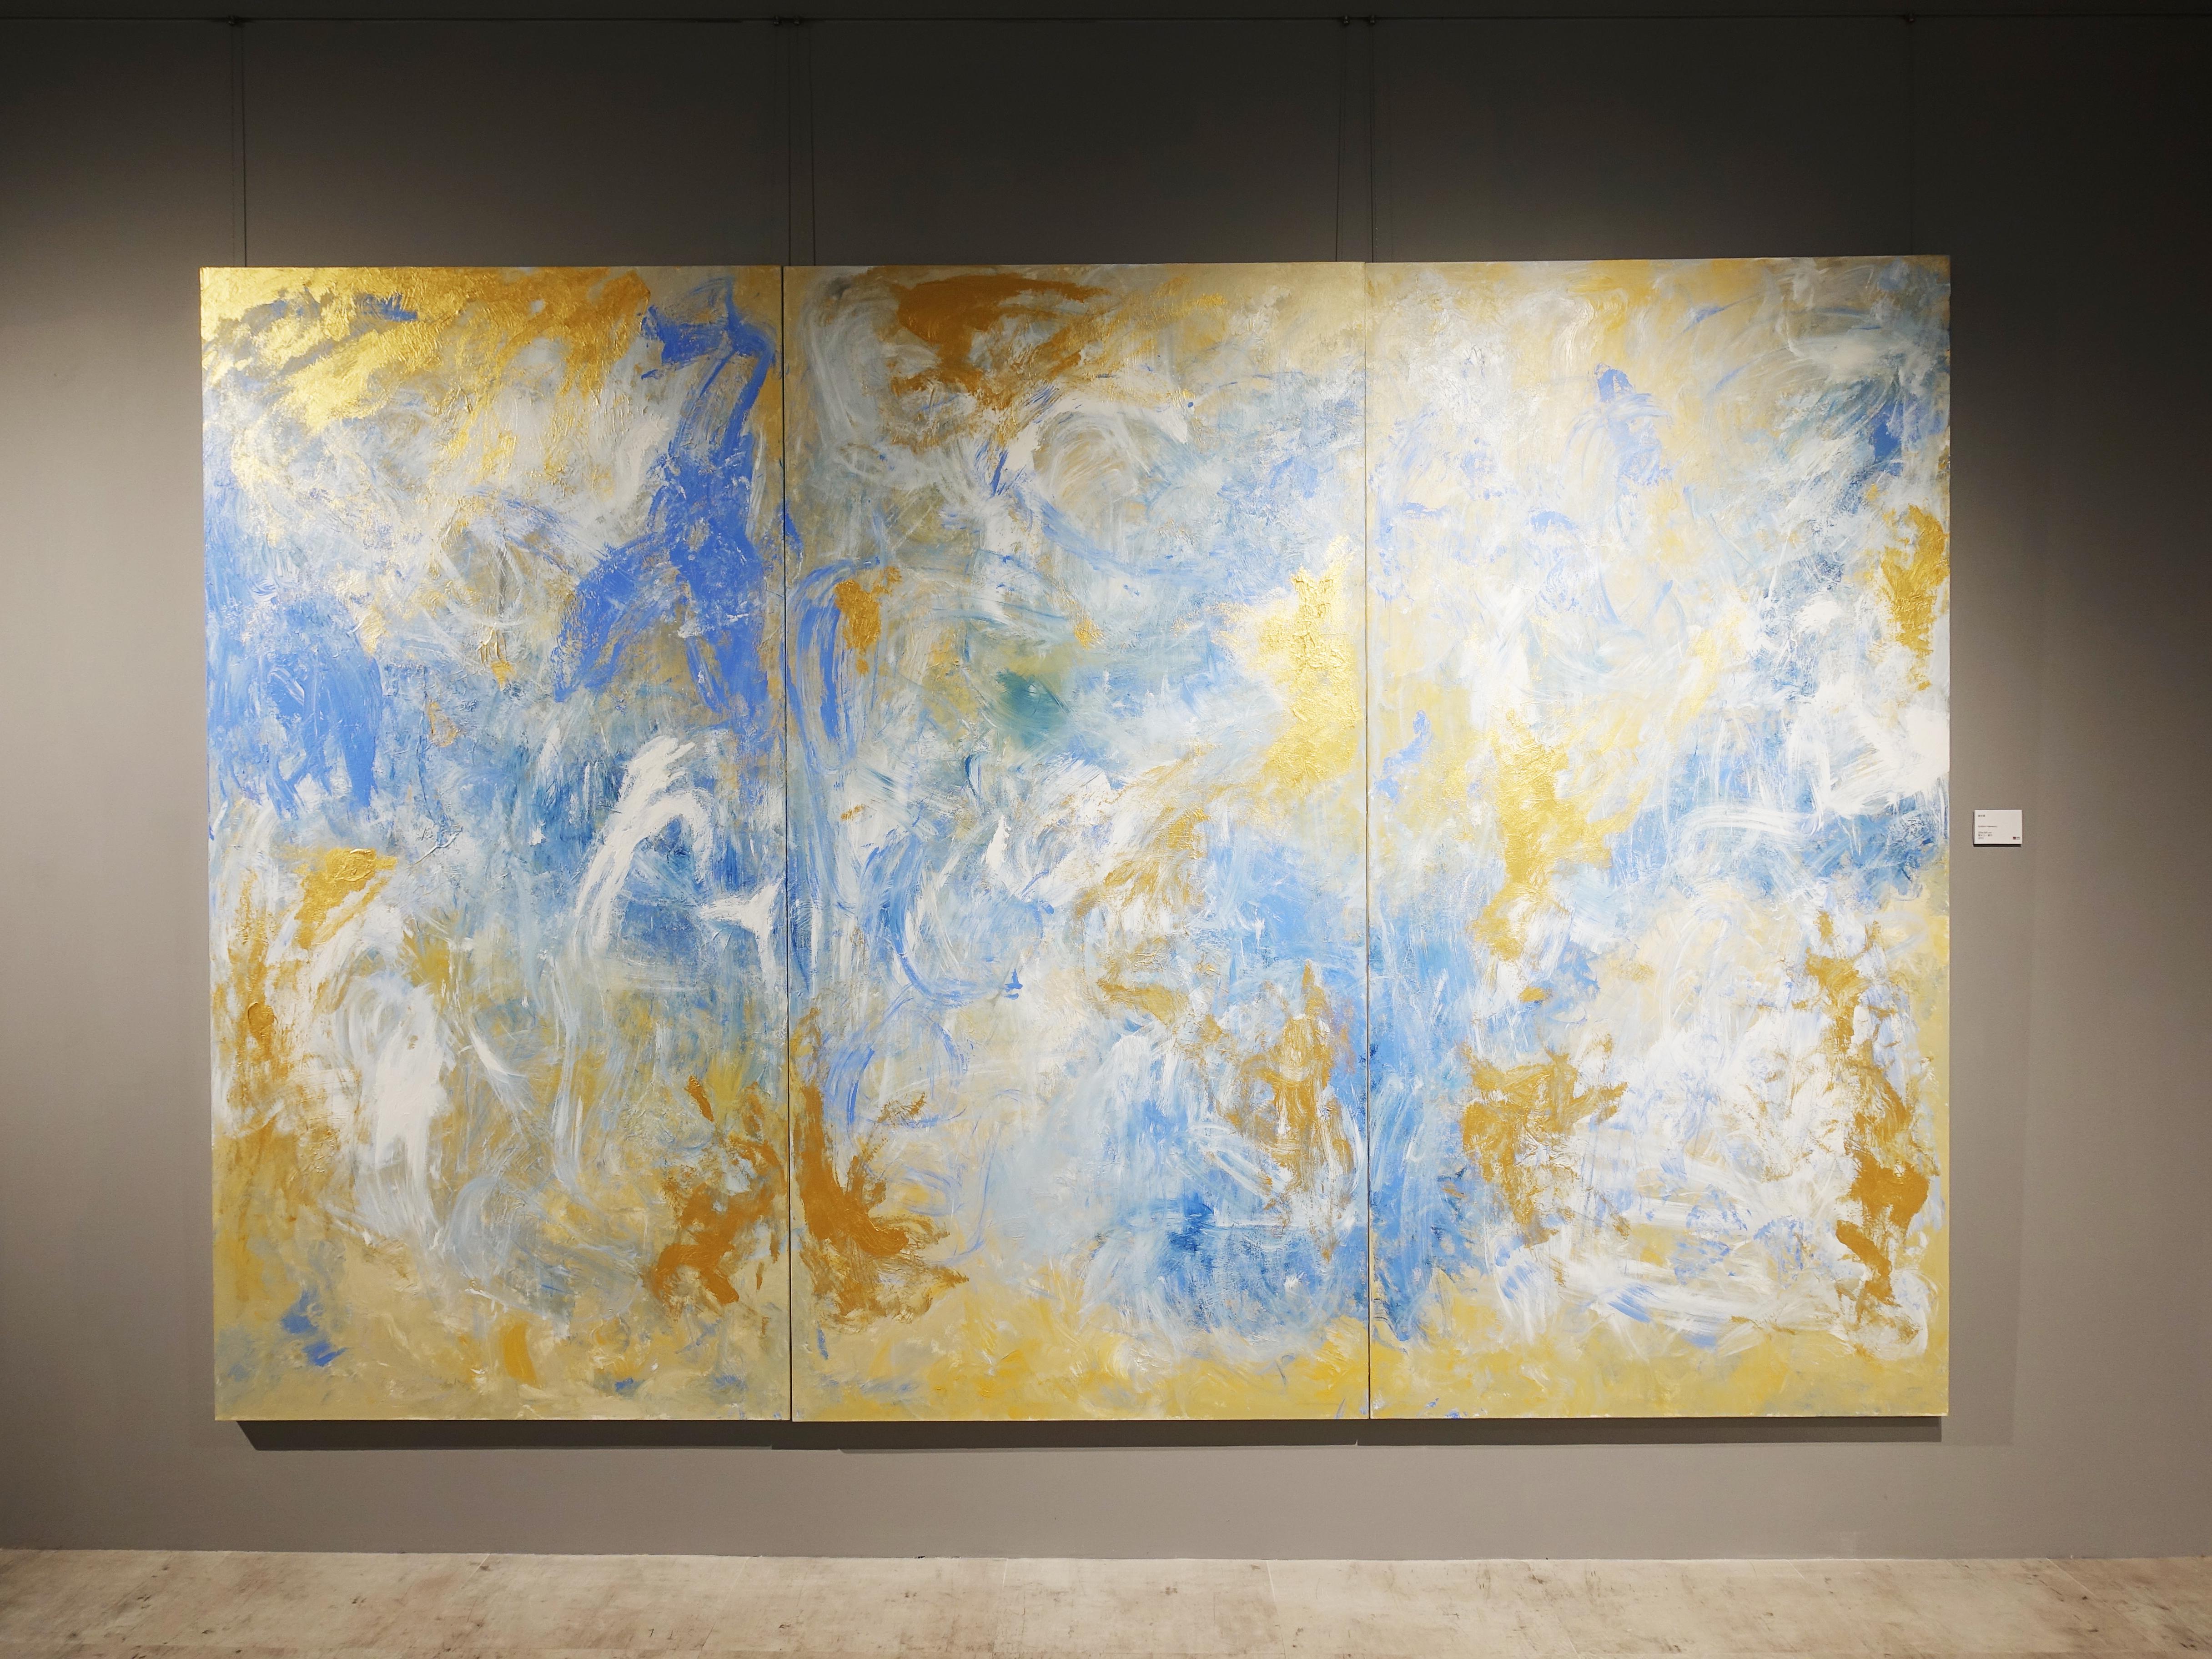 謝宛儒,《Golden Harmony》,200 x 300 cm,壓克力、畫布,2019。